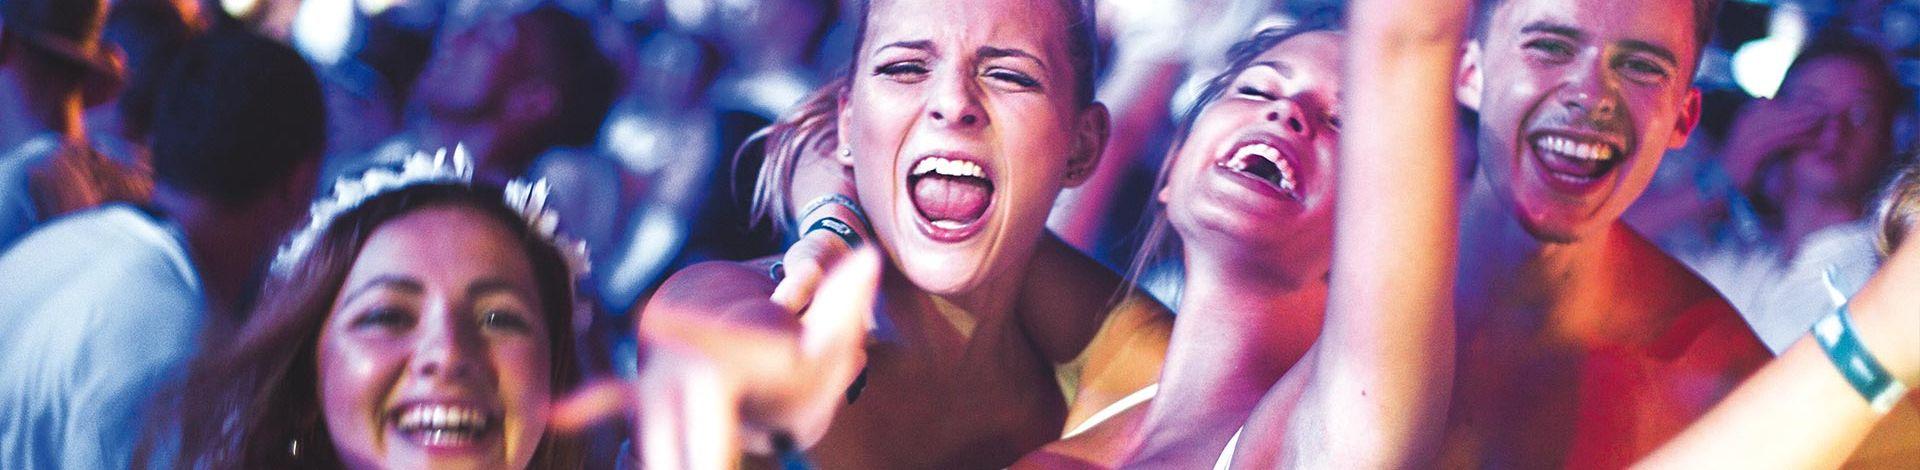 Jugendliche bei Party von Summersplash